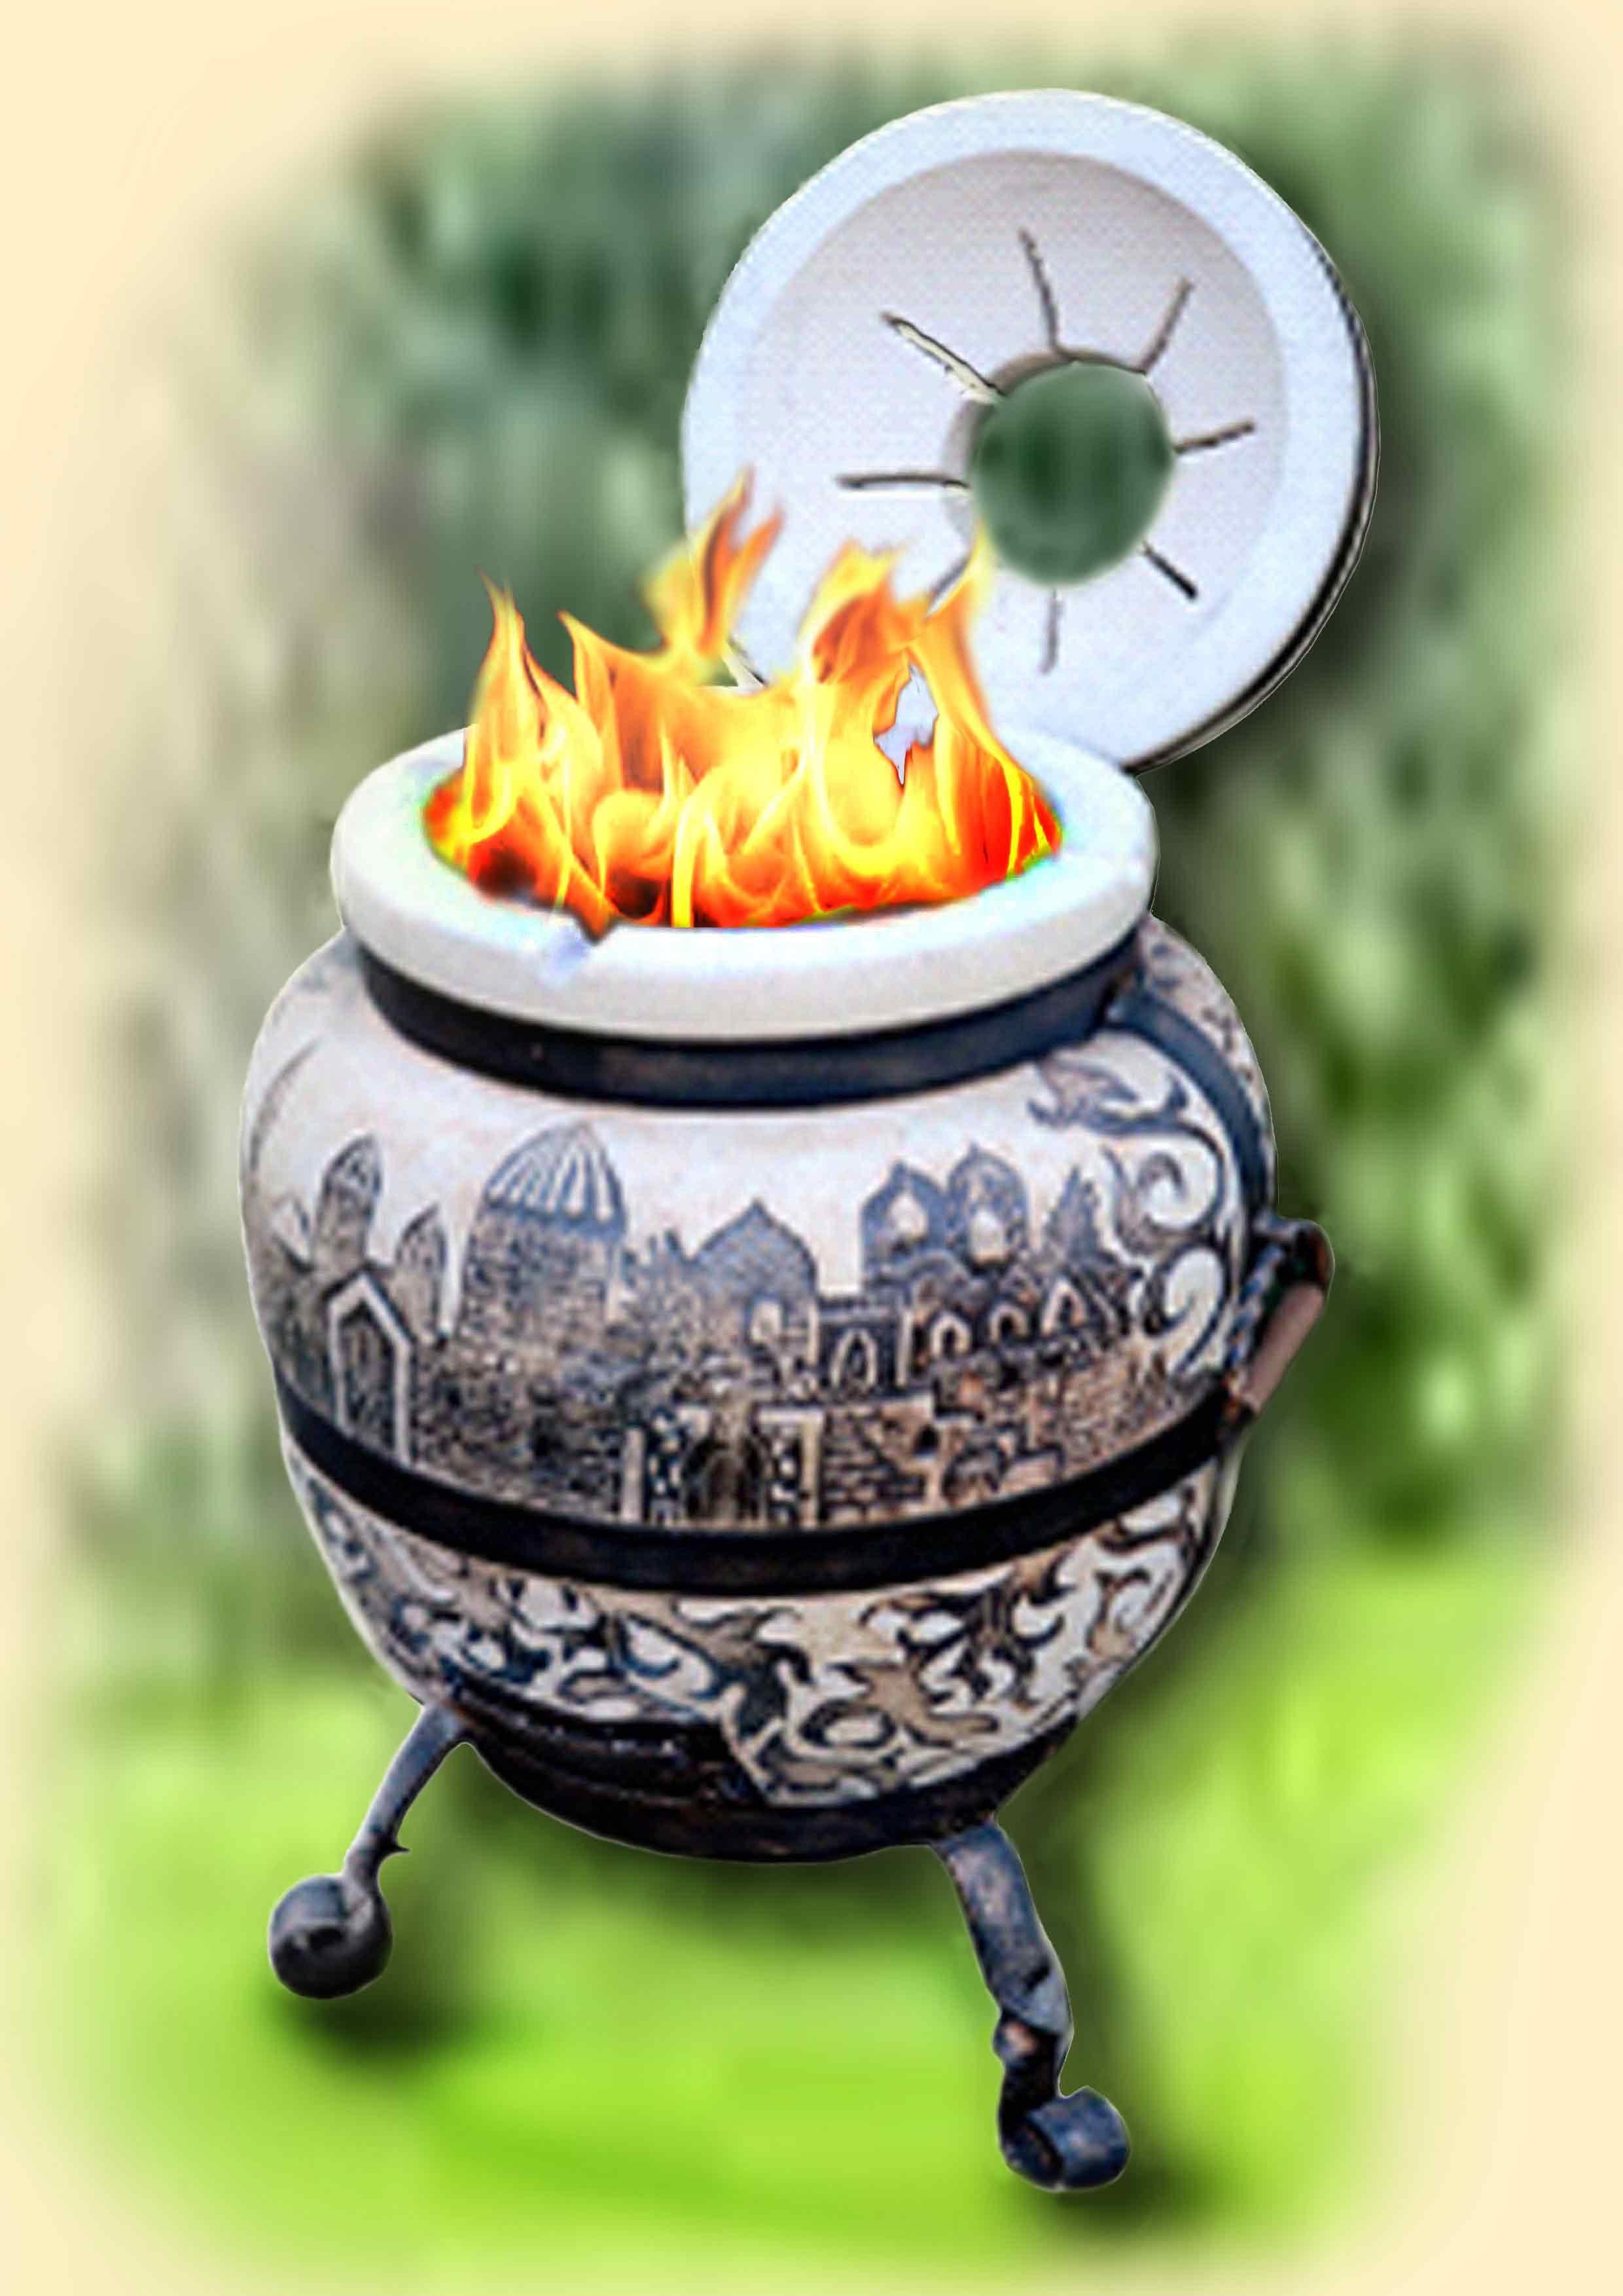 תנור טנדור מחימר שמוט. תנור  טאבון מחימר